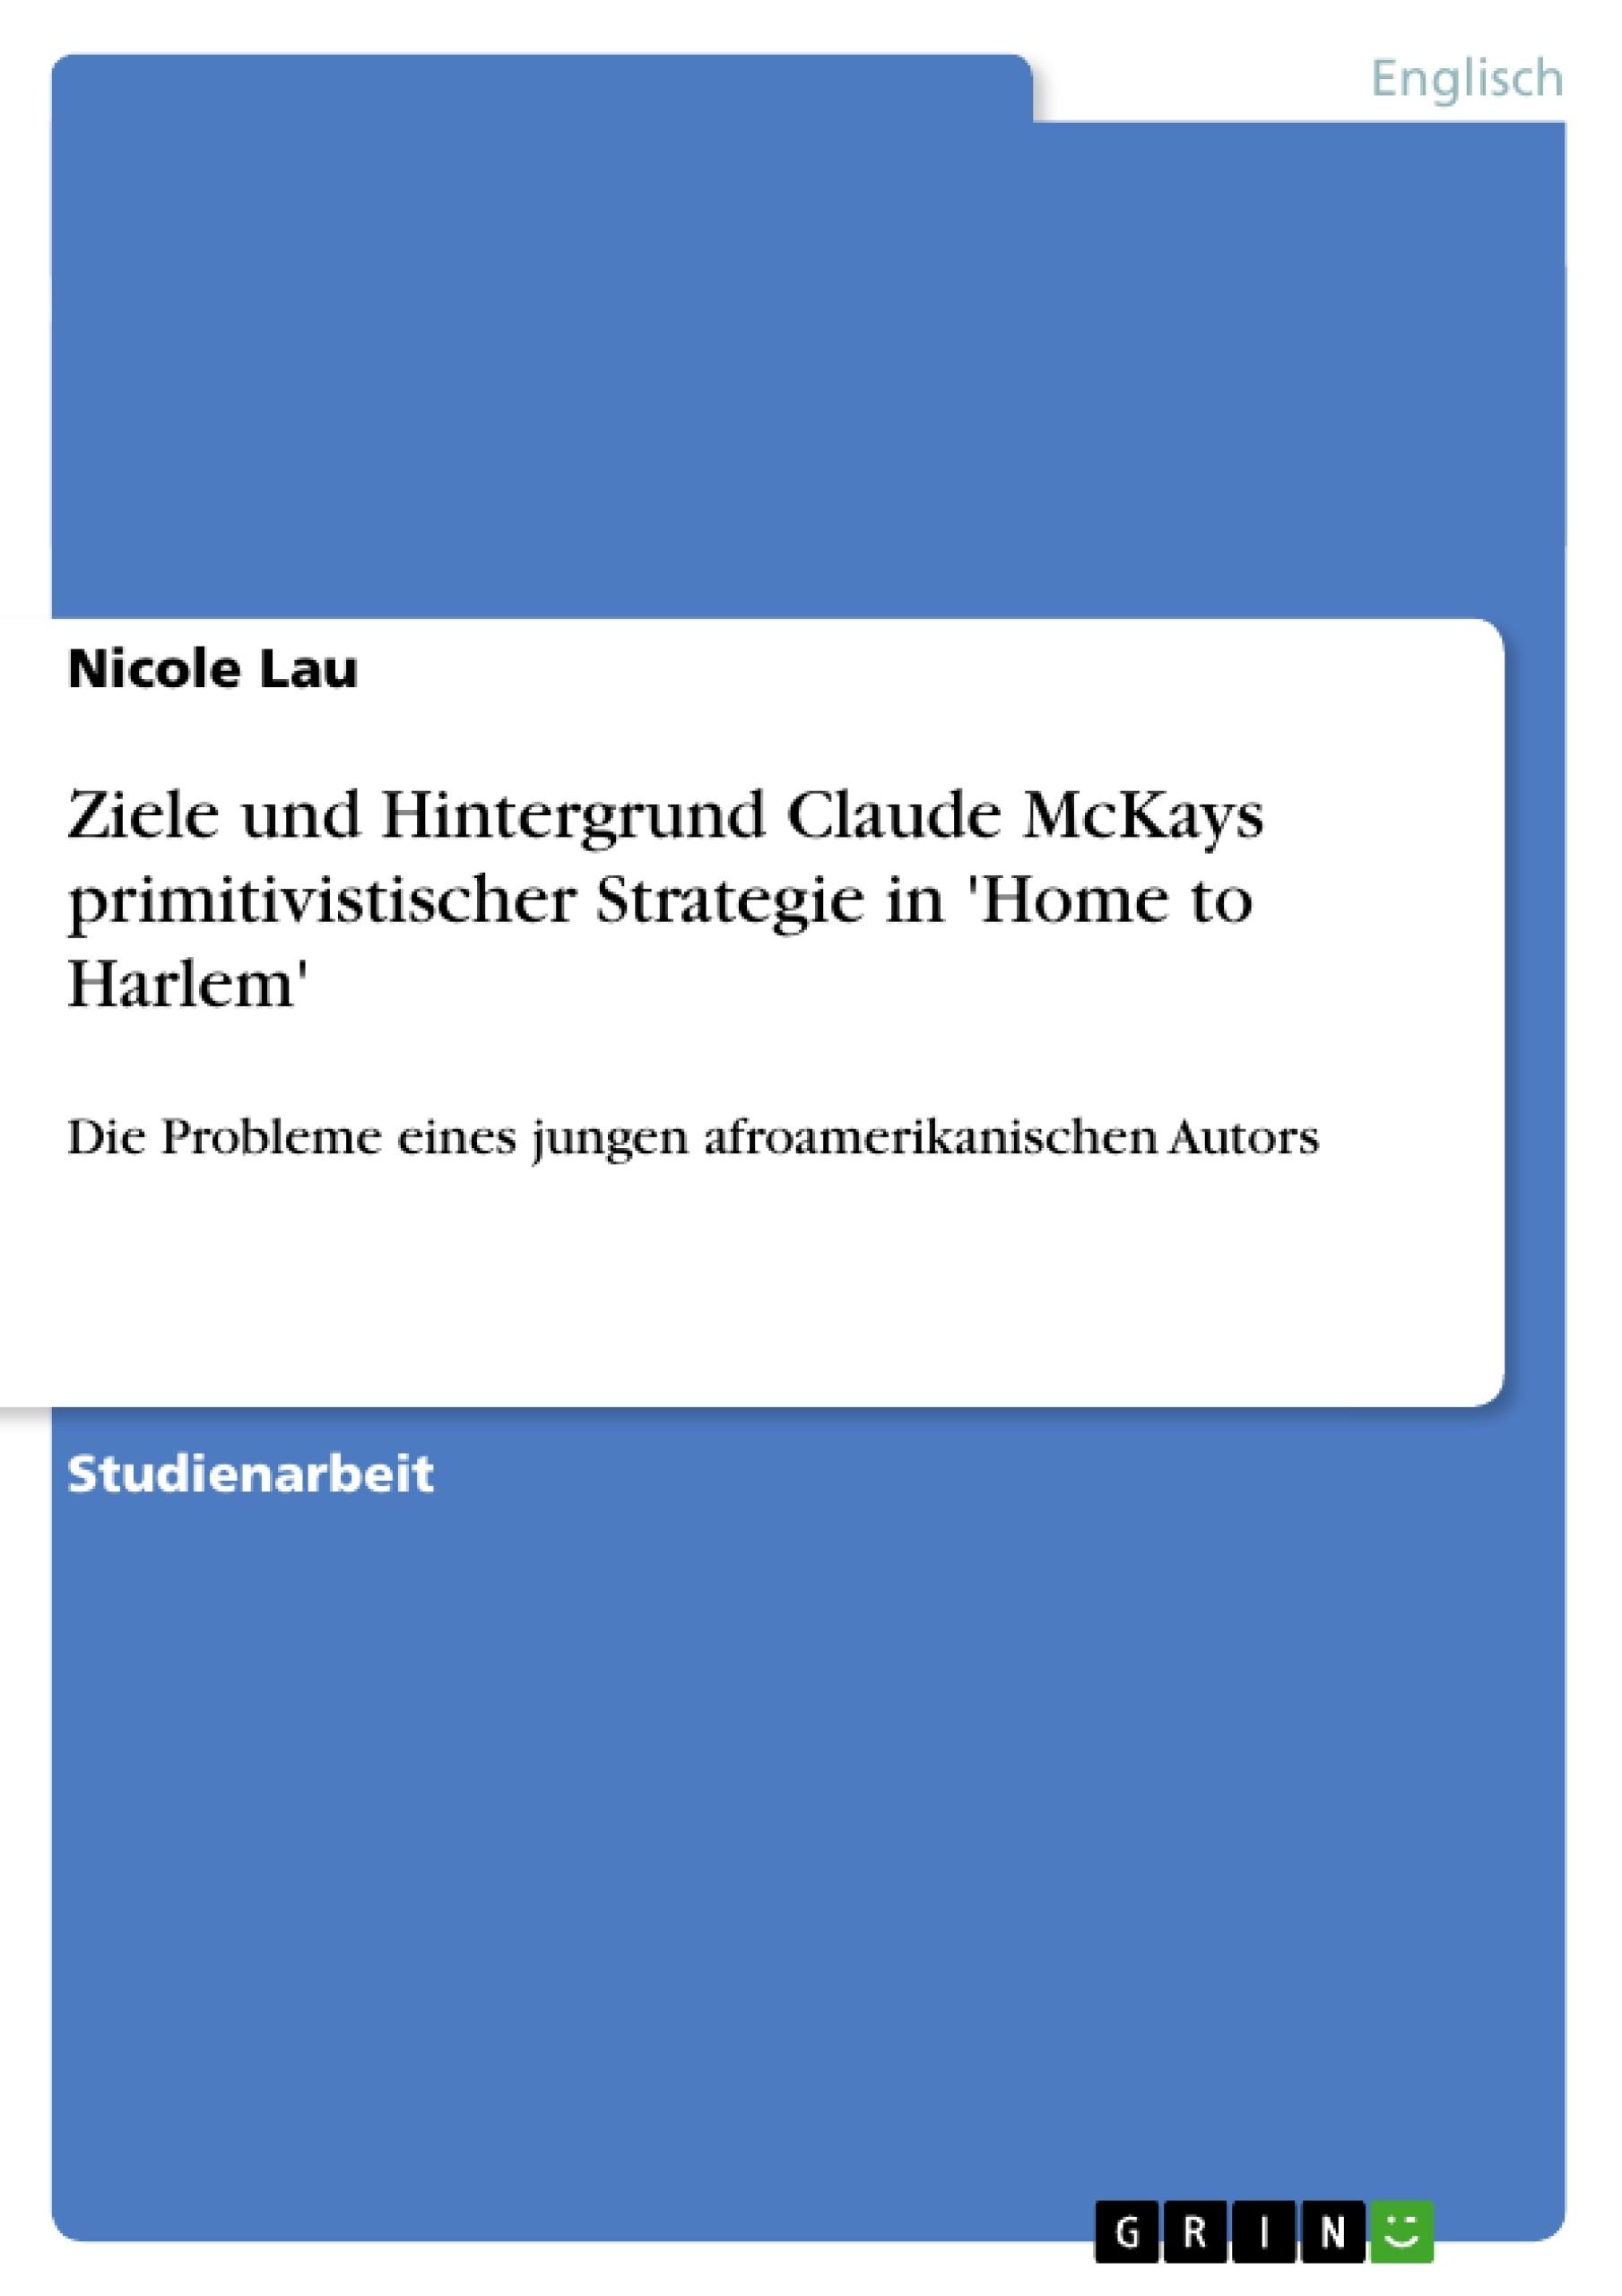 Titel: Ziele und Hintergrund Claude McKays primitivistischer Strategie in 'Home to Harlem'